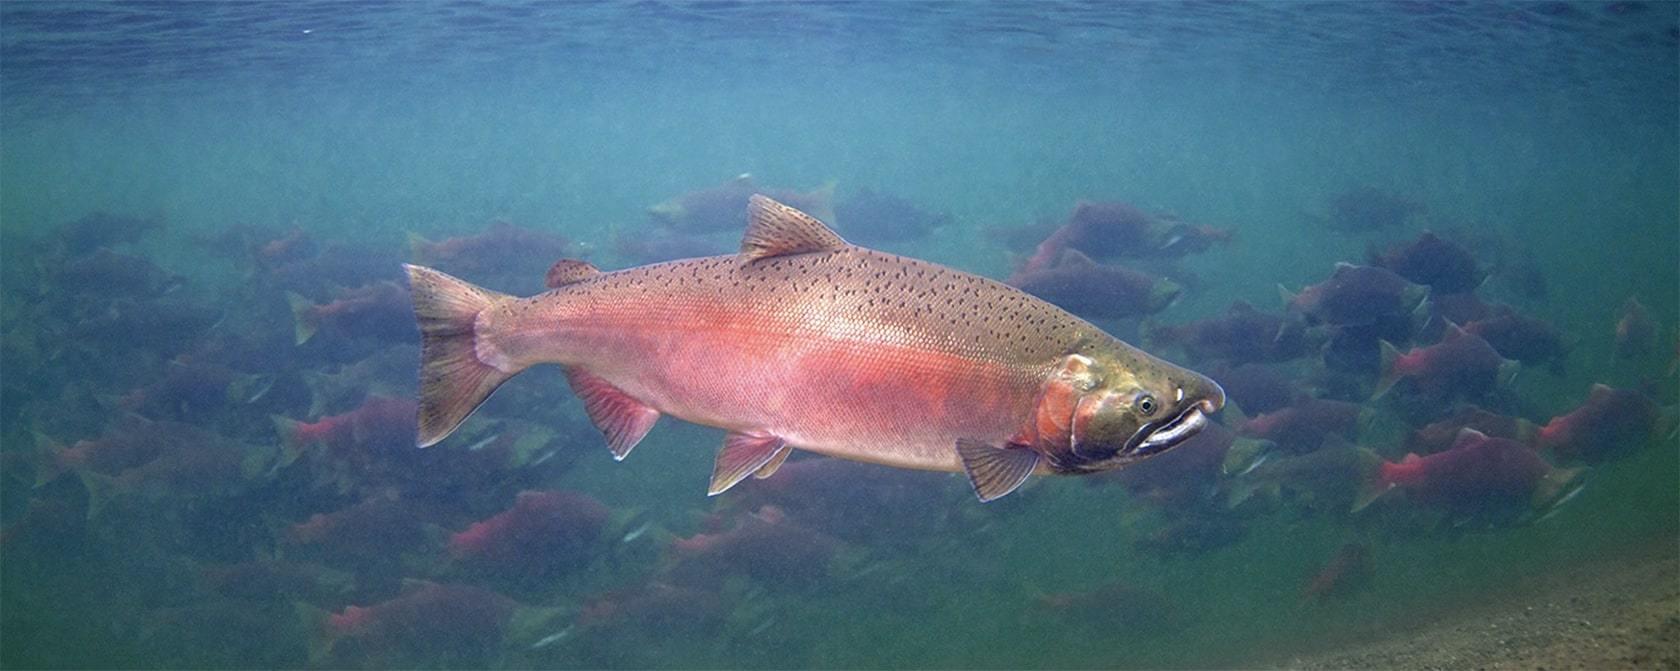 Фотография лосося и где водится